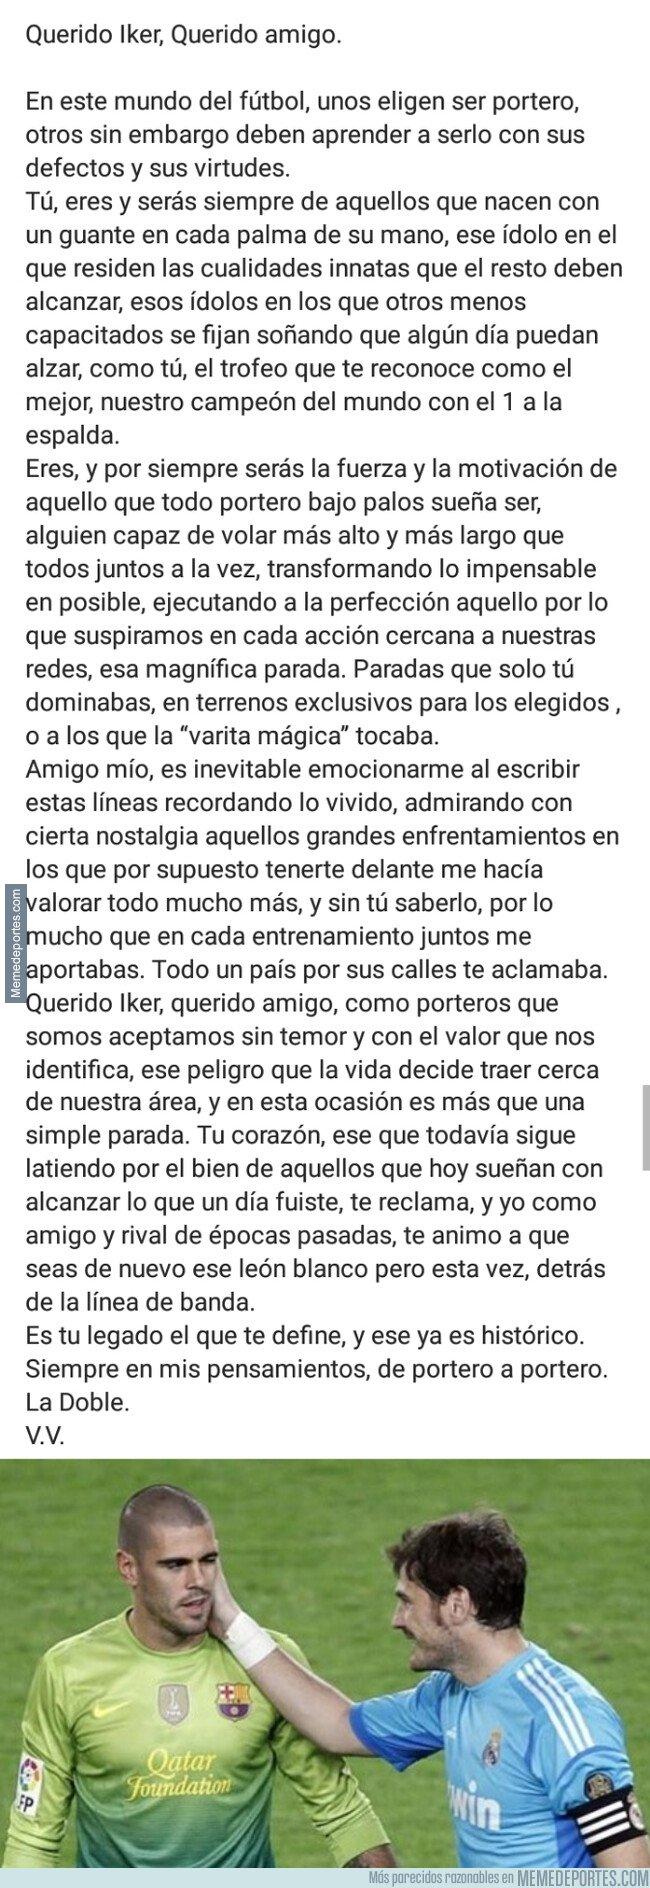 1073572 - La emotiva carta de Víctor Valdés dedicada a su compañero y amigo Iker Casillas